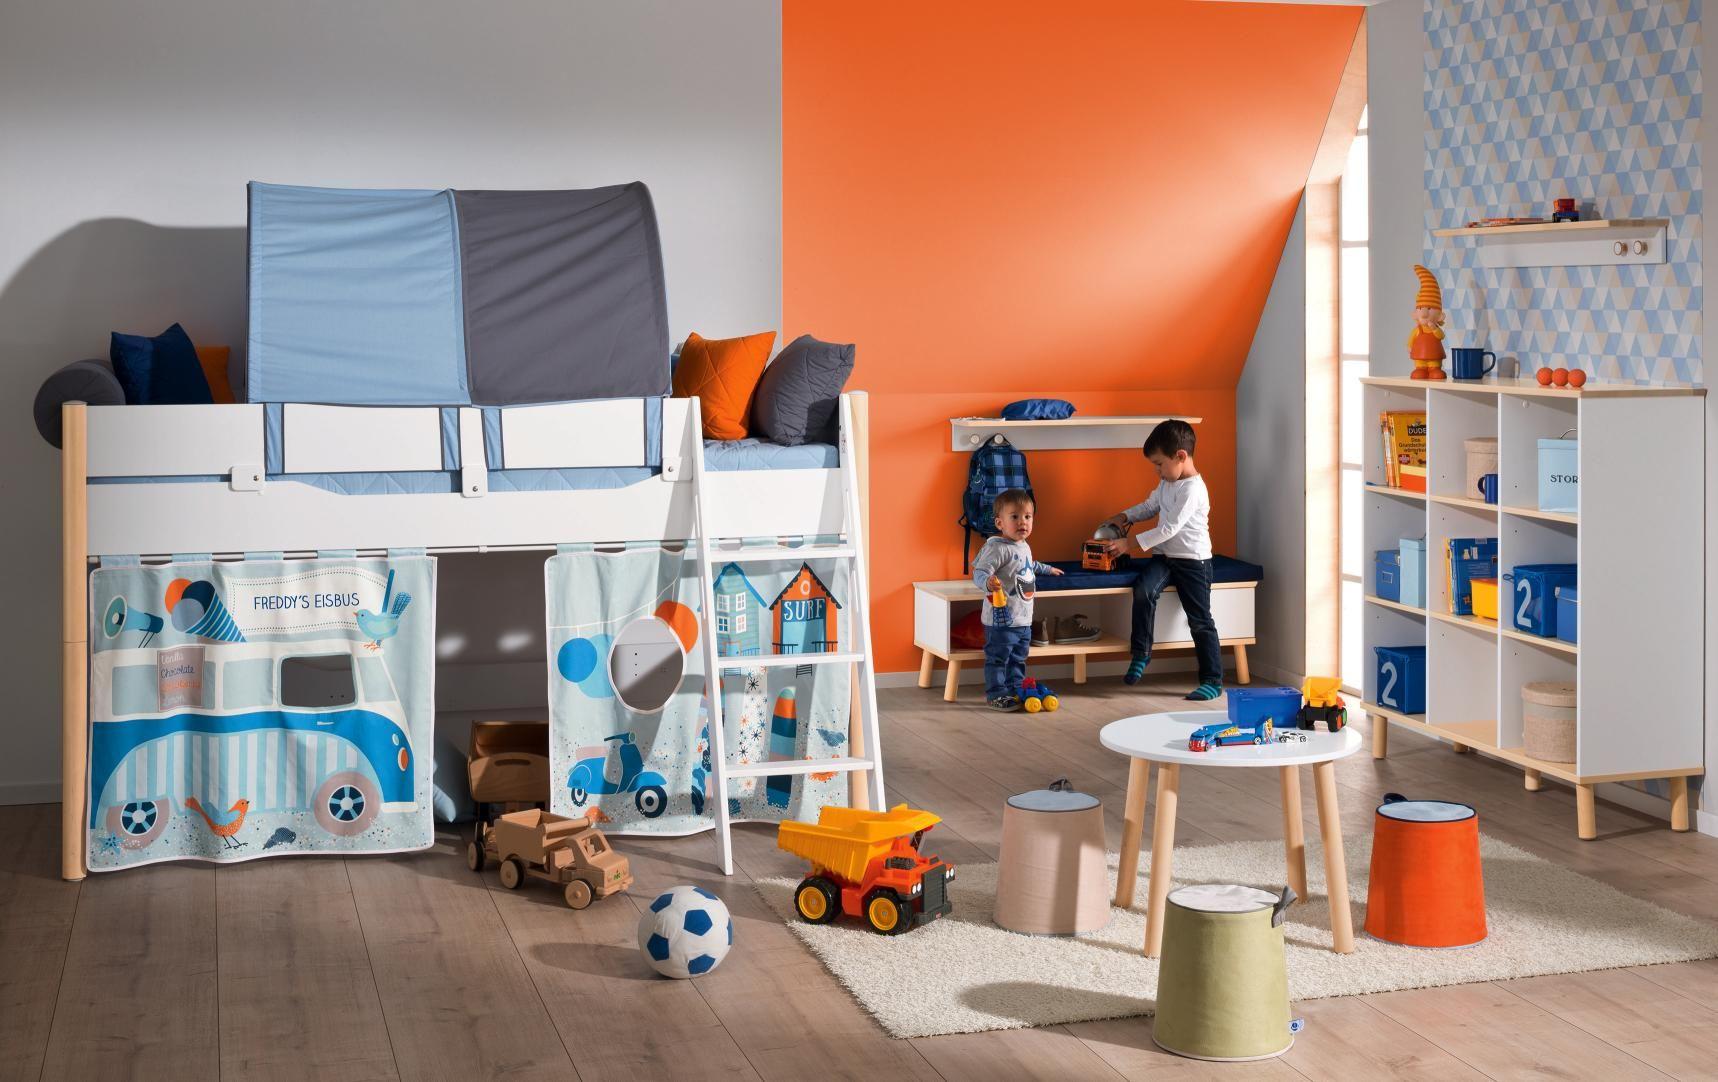 Full Size of Xora Jugendzimmer Von Paidi Hochwertige Mbel Fr Ihr Kind Sofa Bett Wohnzimmer Xora Jugendzimmer